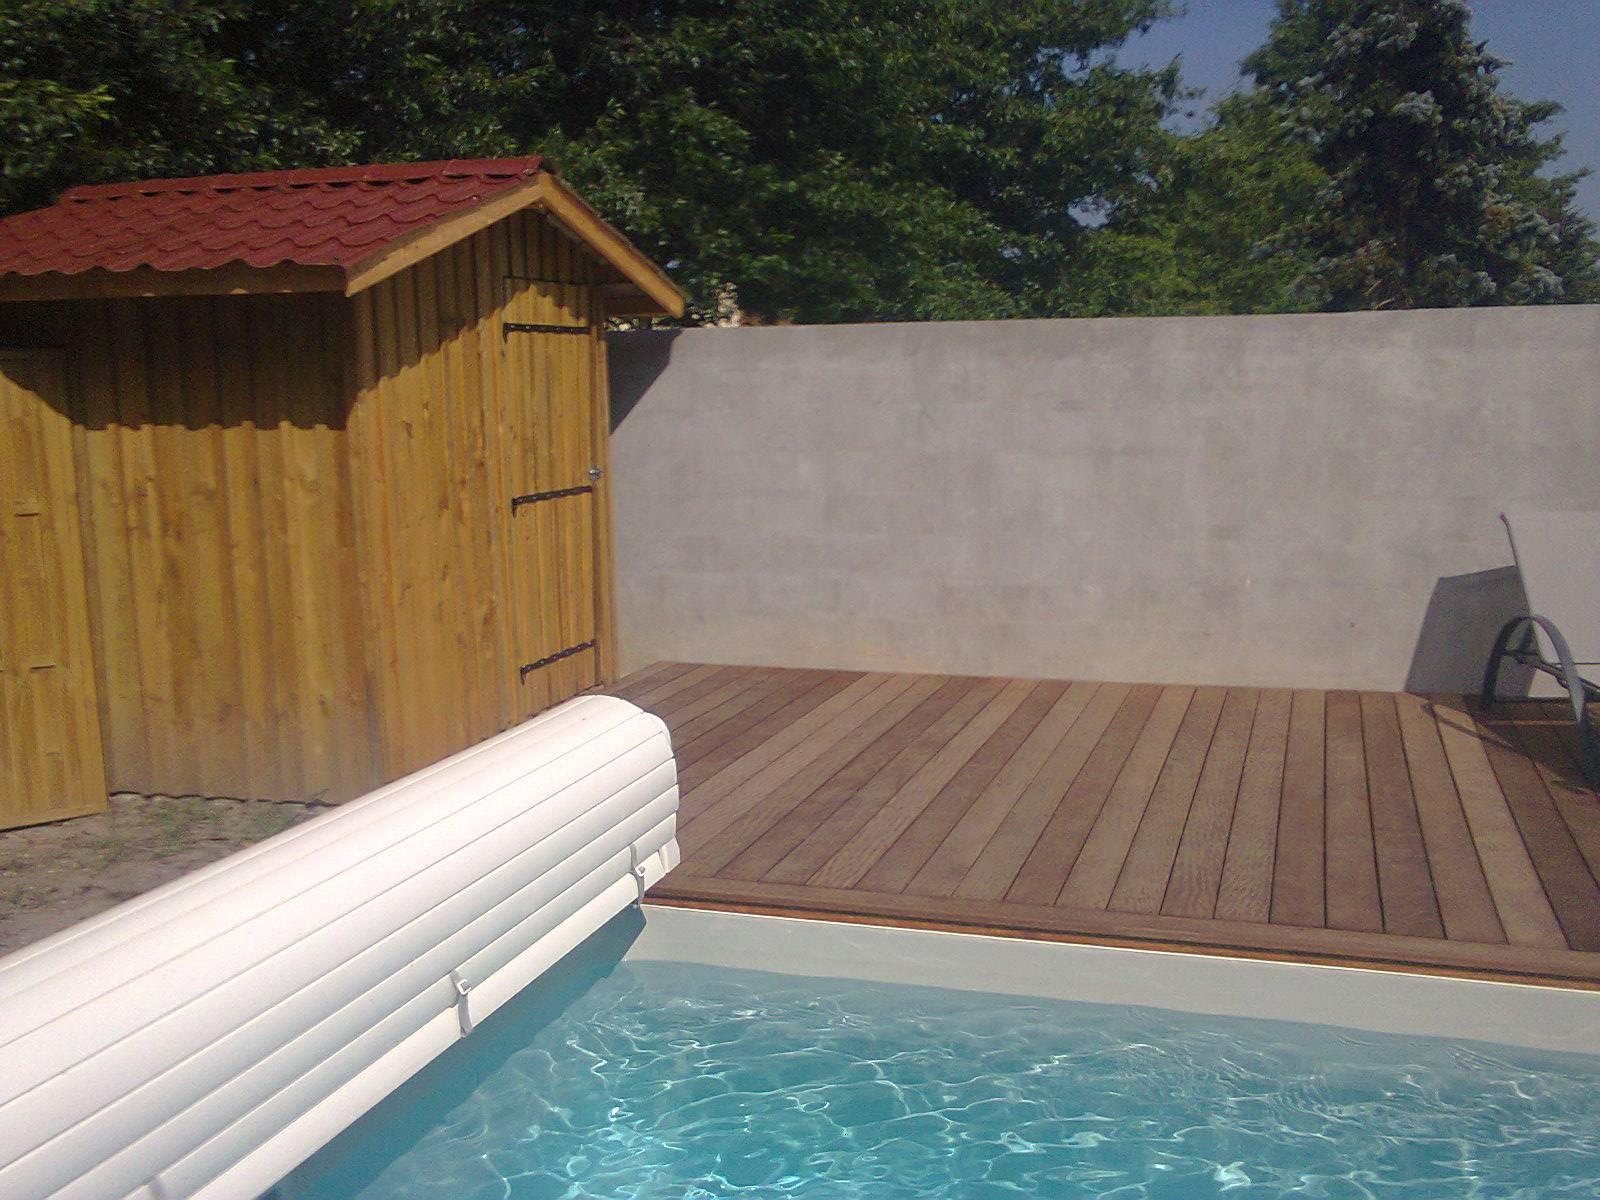 R alisation d 39 un local et cabanon en bois sur mesure gradignan deck caillebotis - Cabanon de jardin sur mesure ...